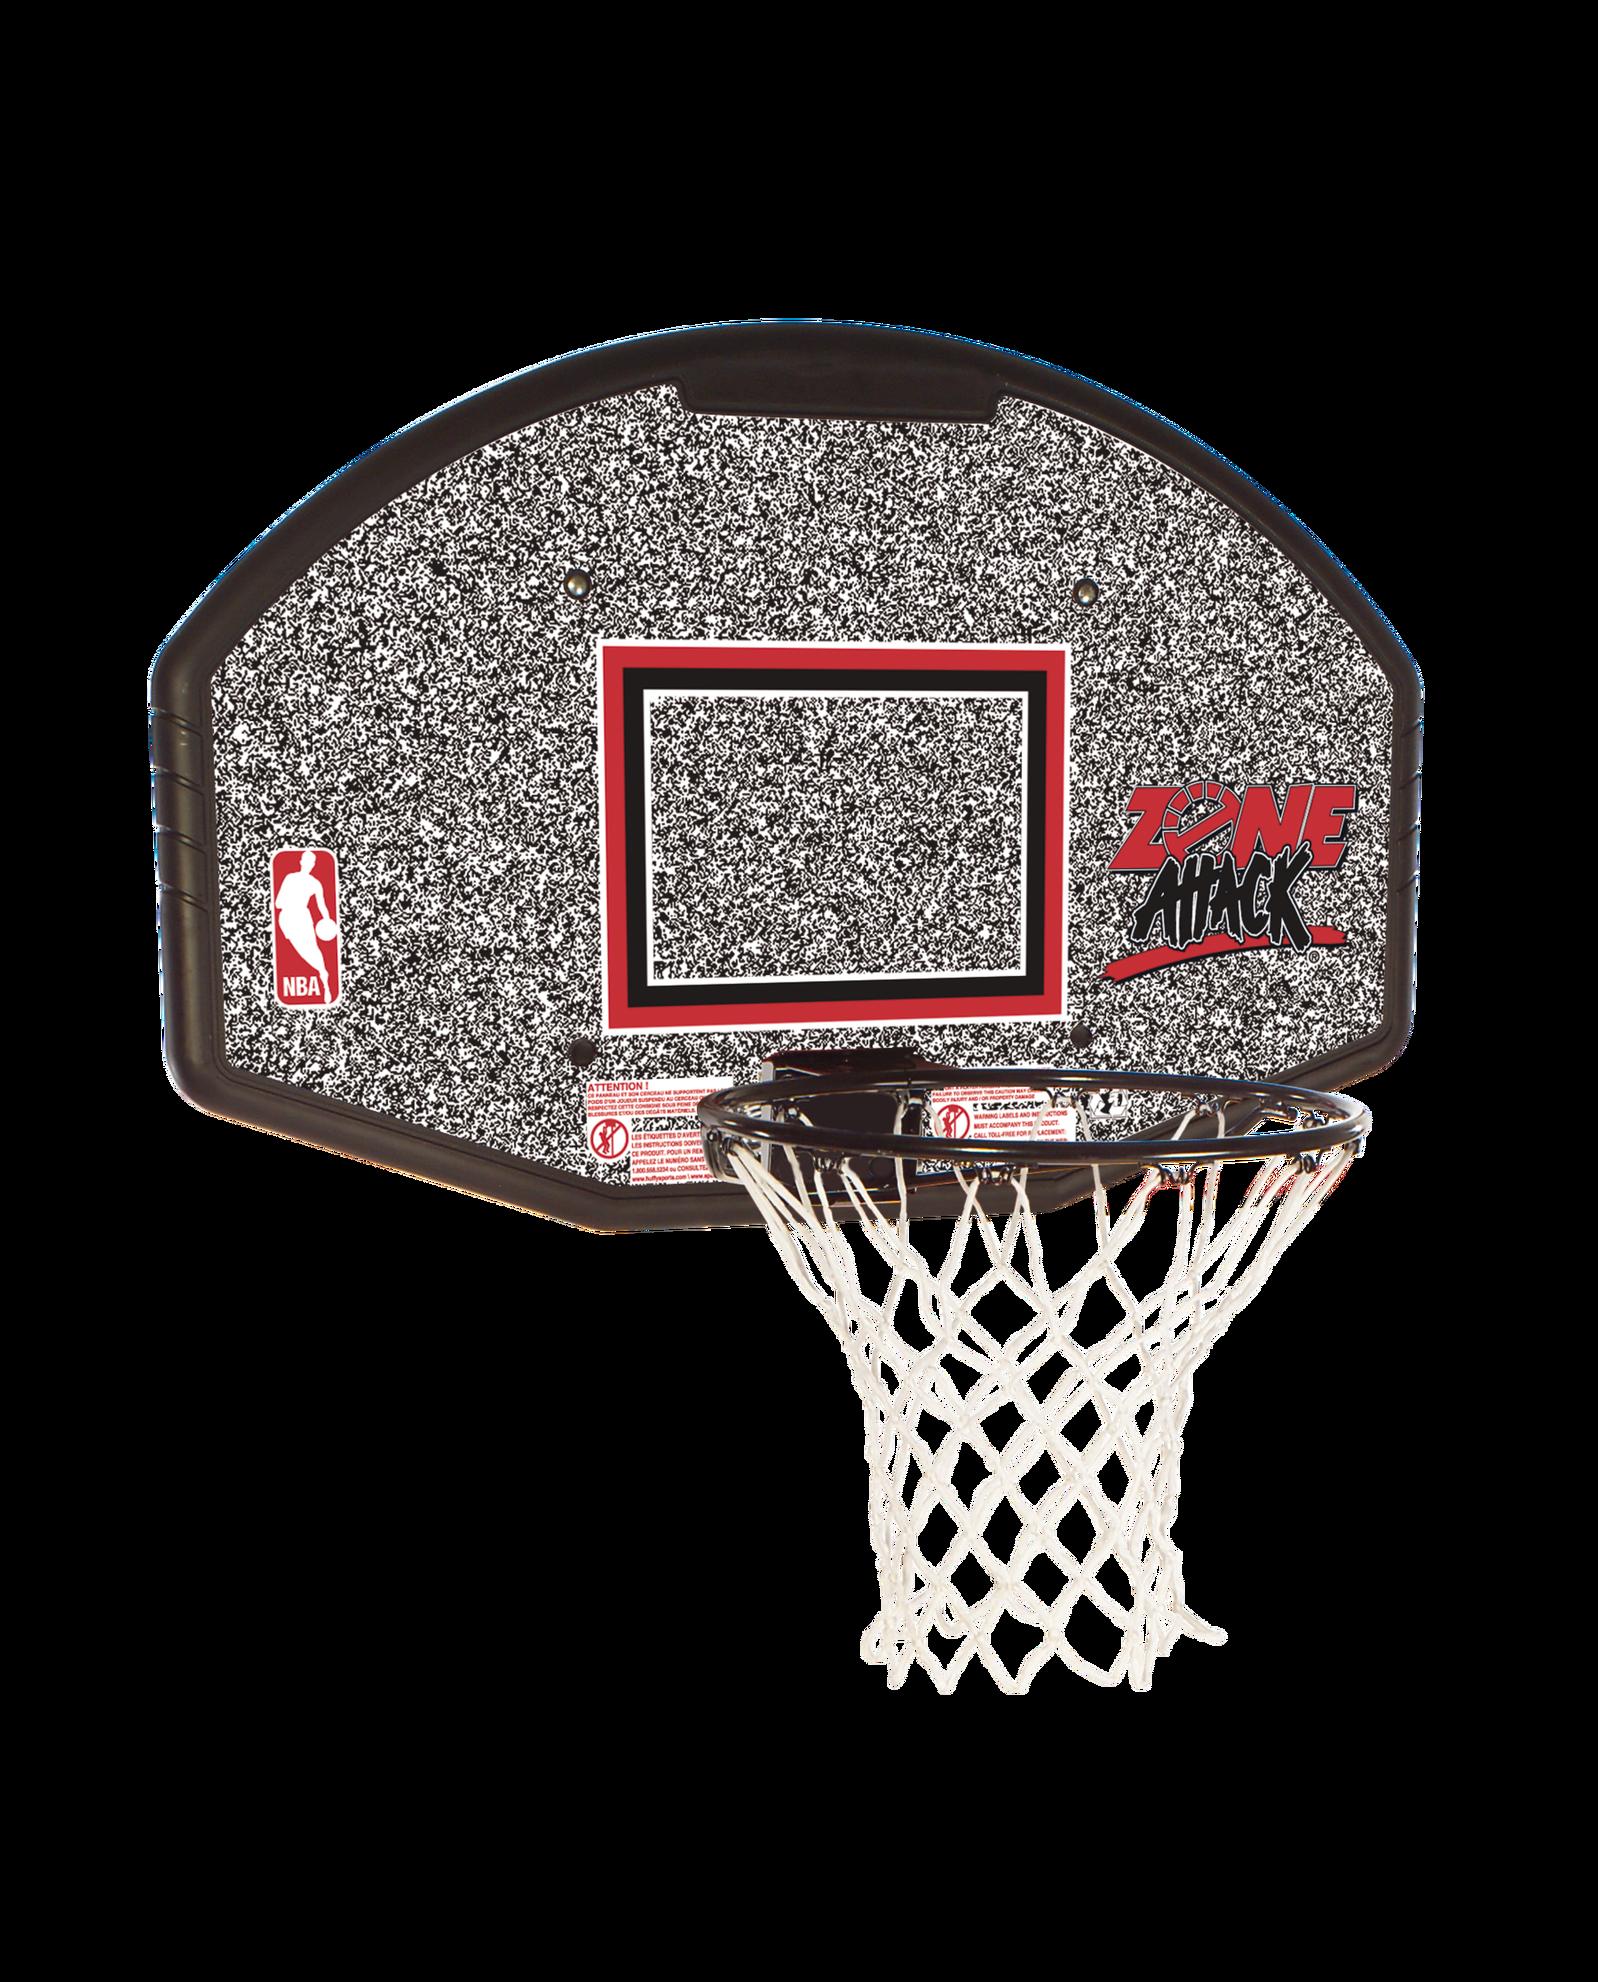 44 Eco Composite Basketball Hoop Spalding Basketball Backboard